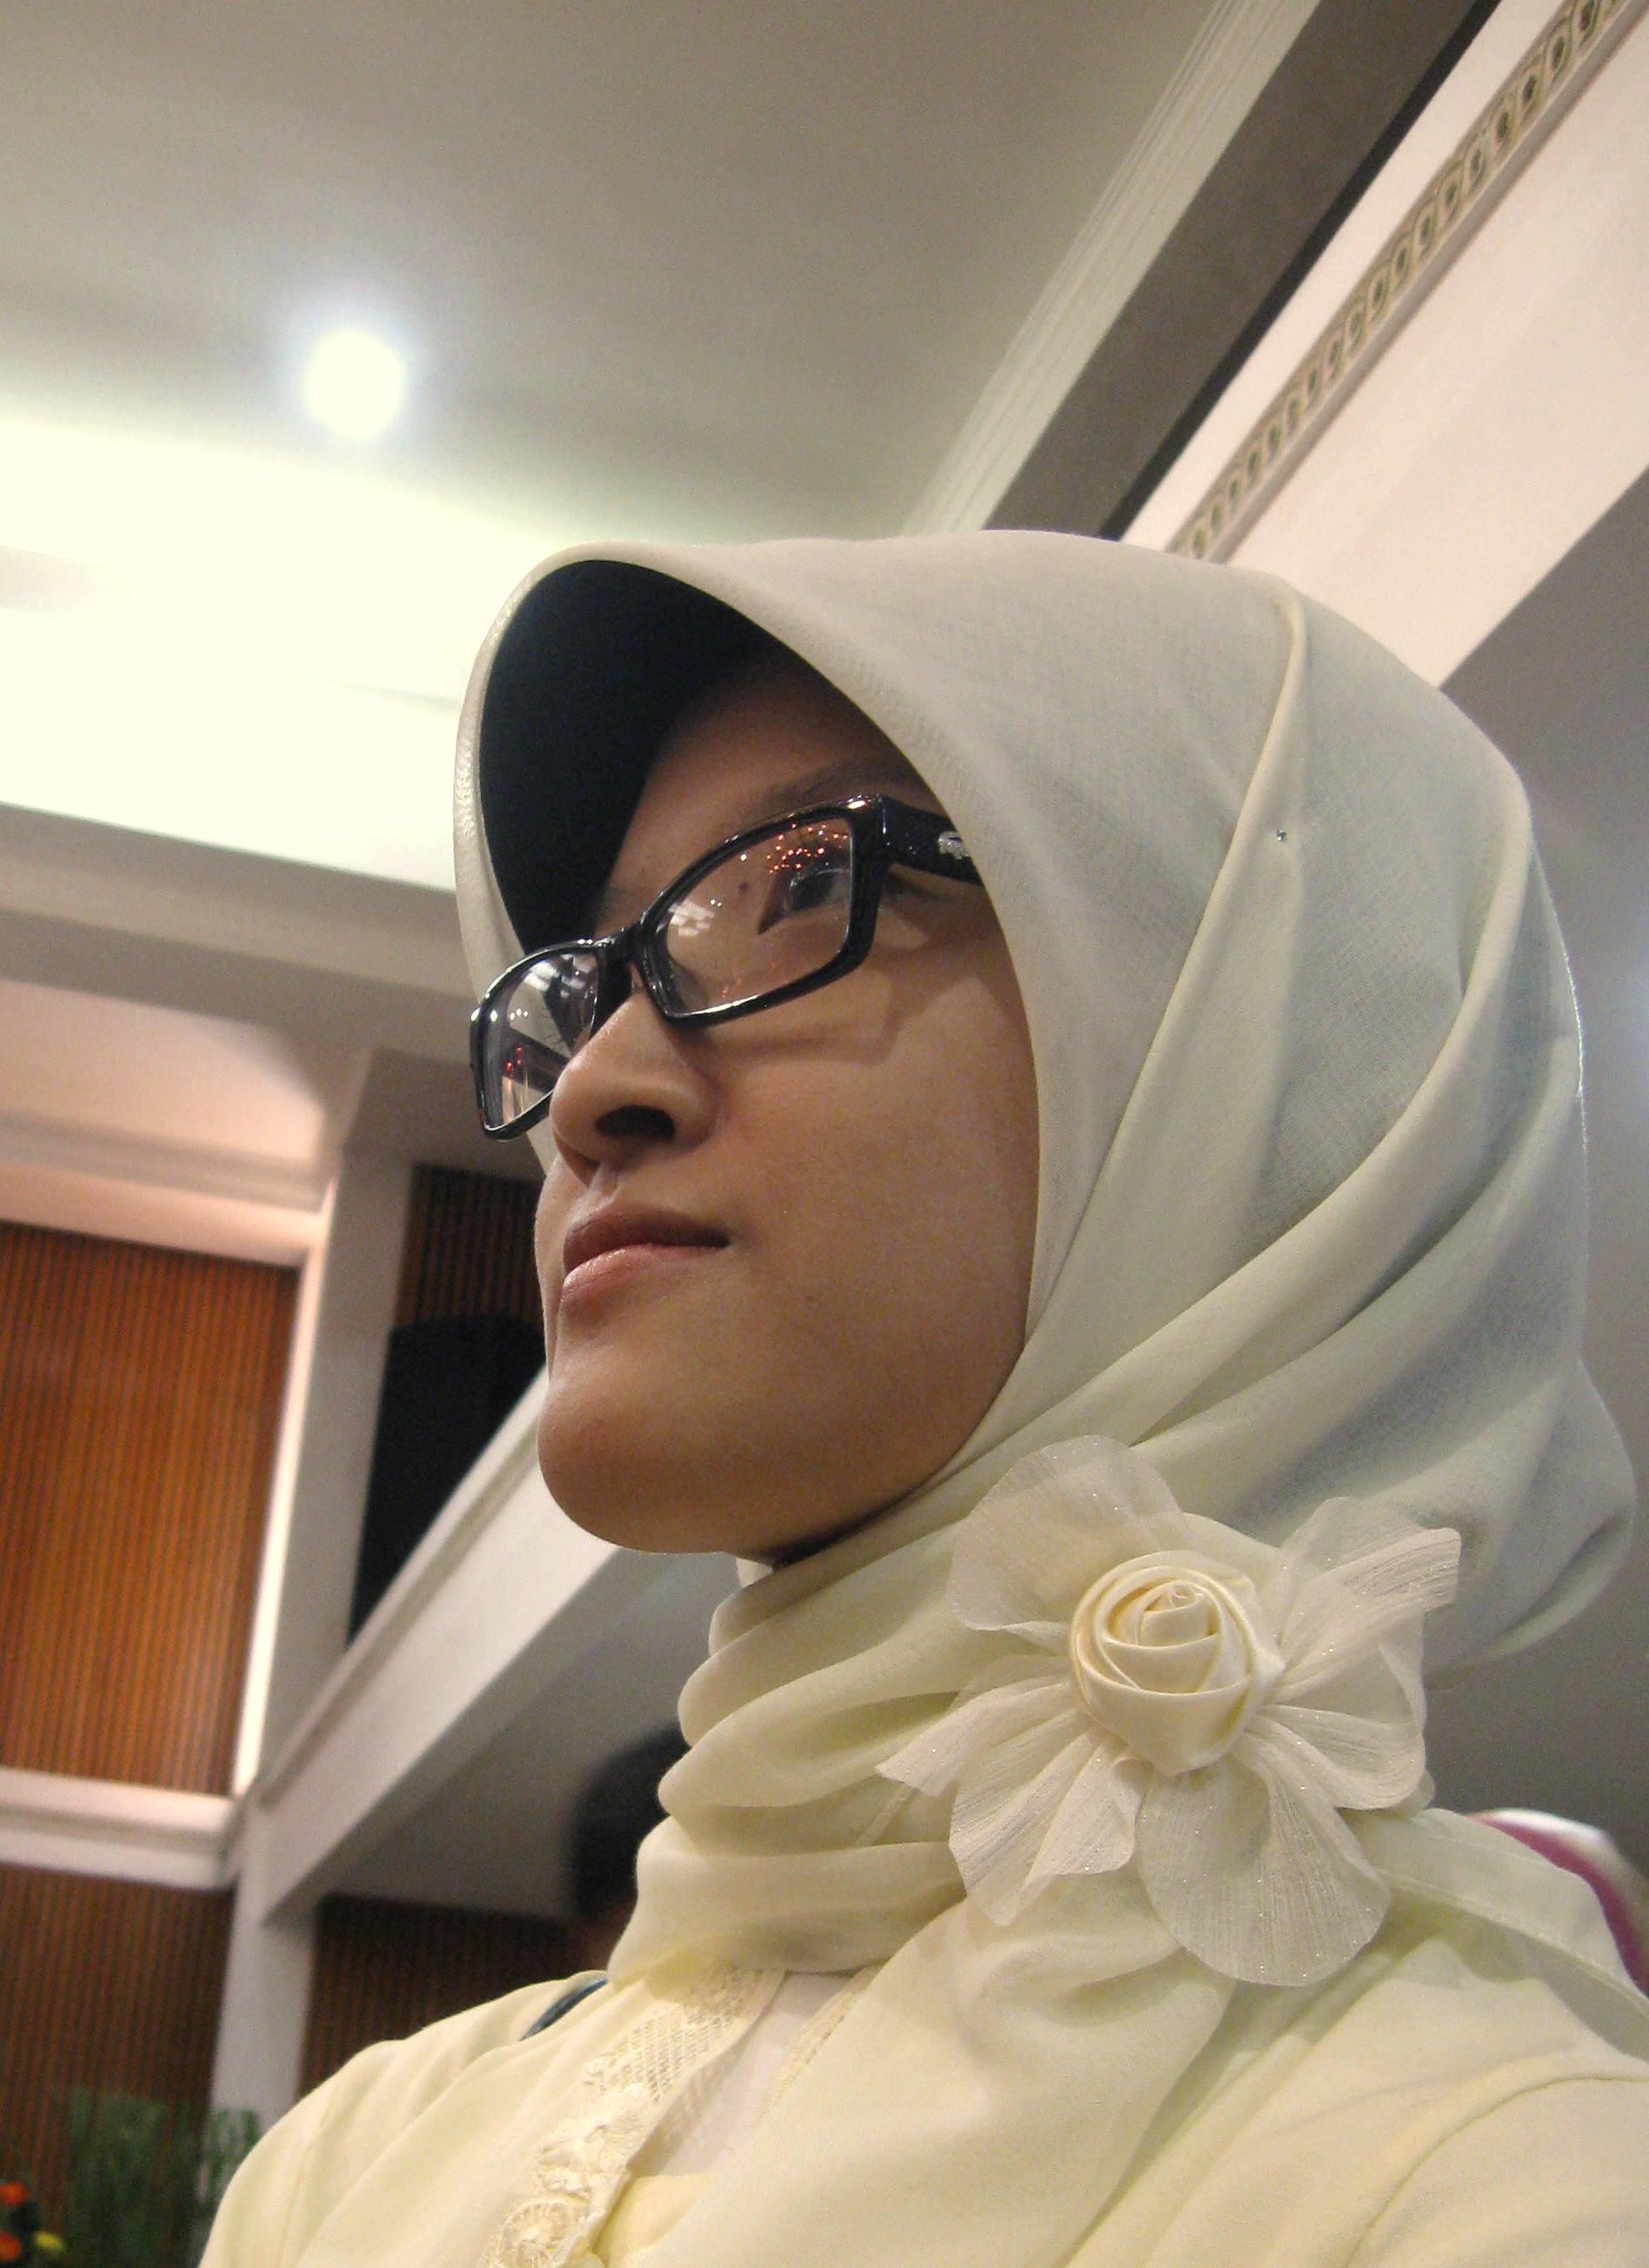 All Foto Chika Bandung Ngentot